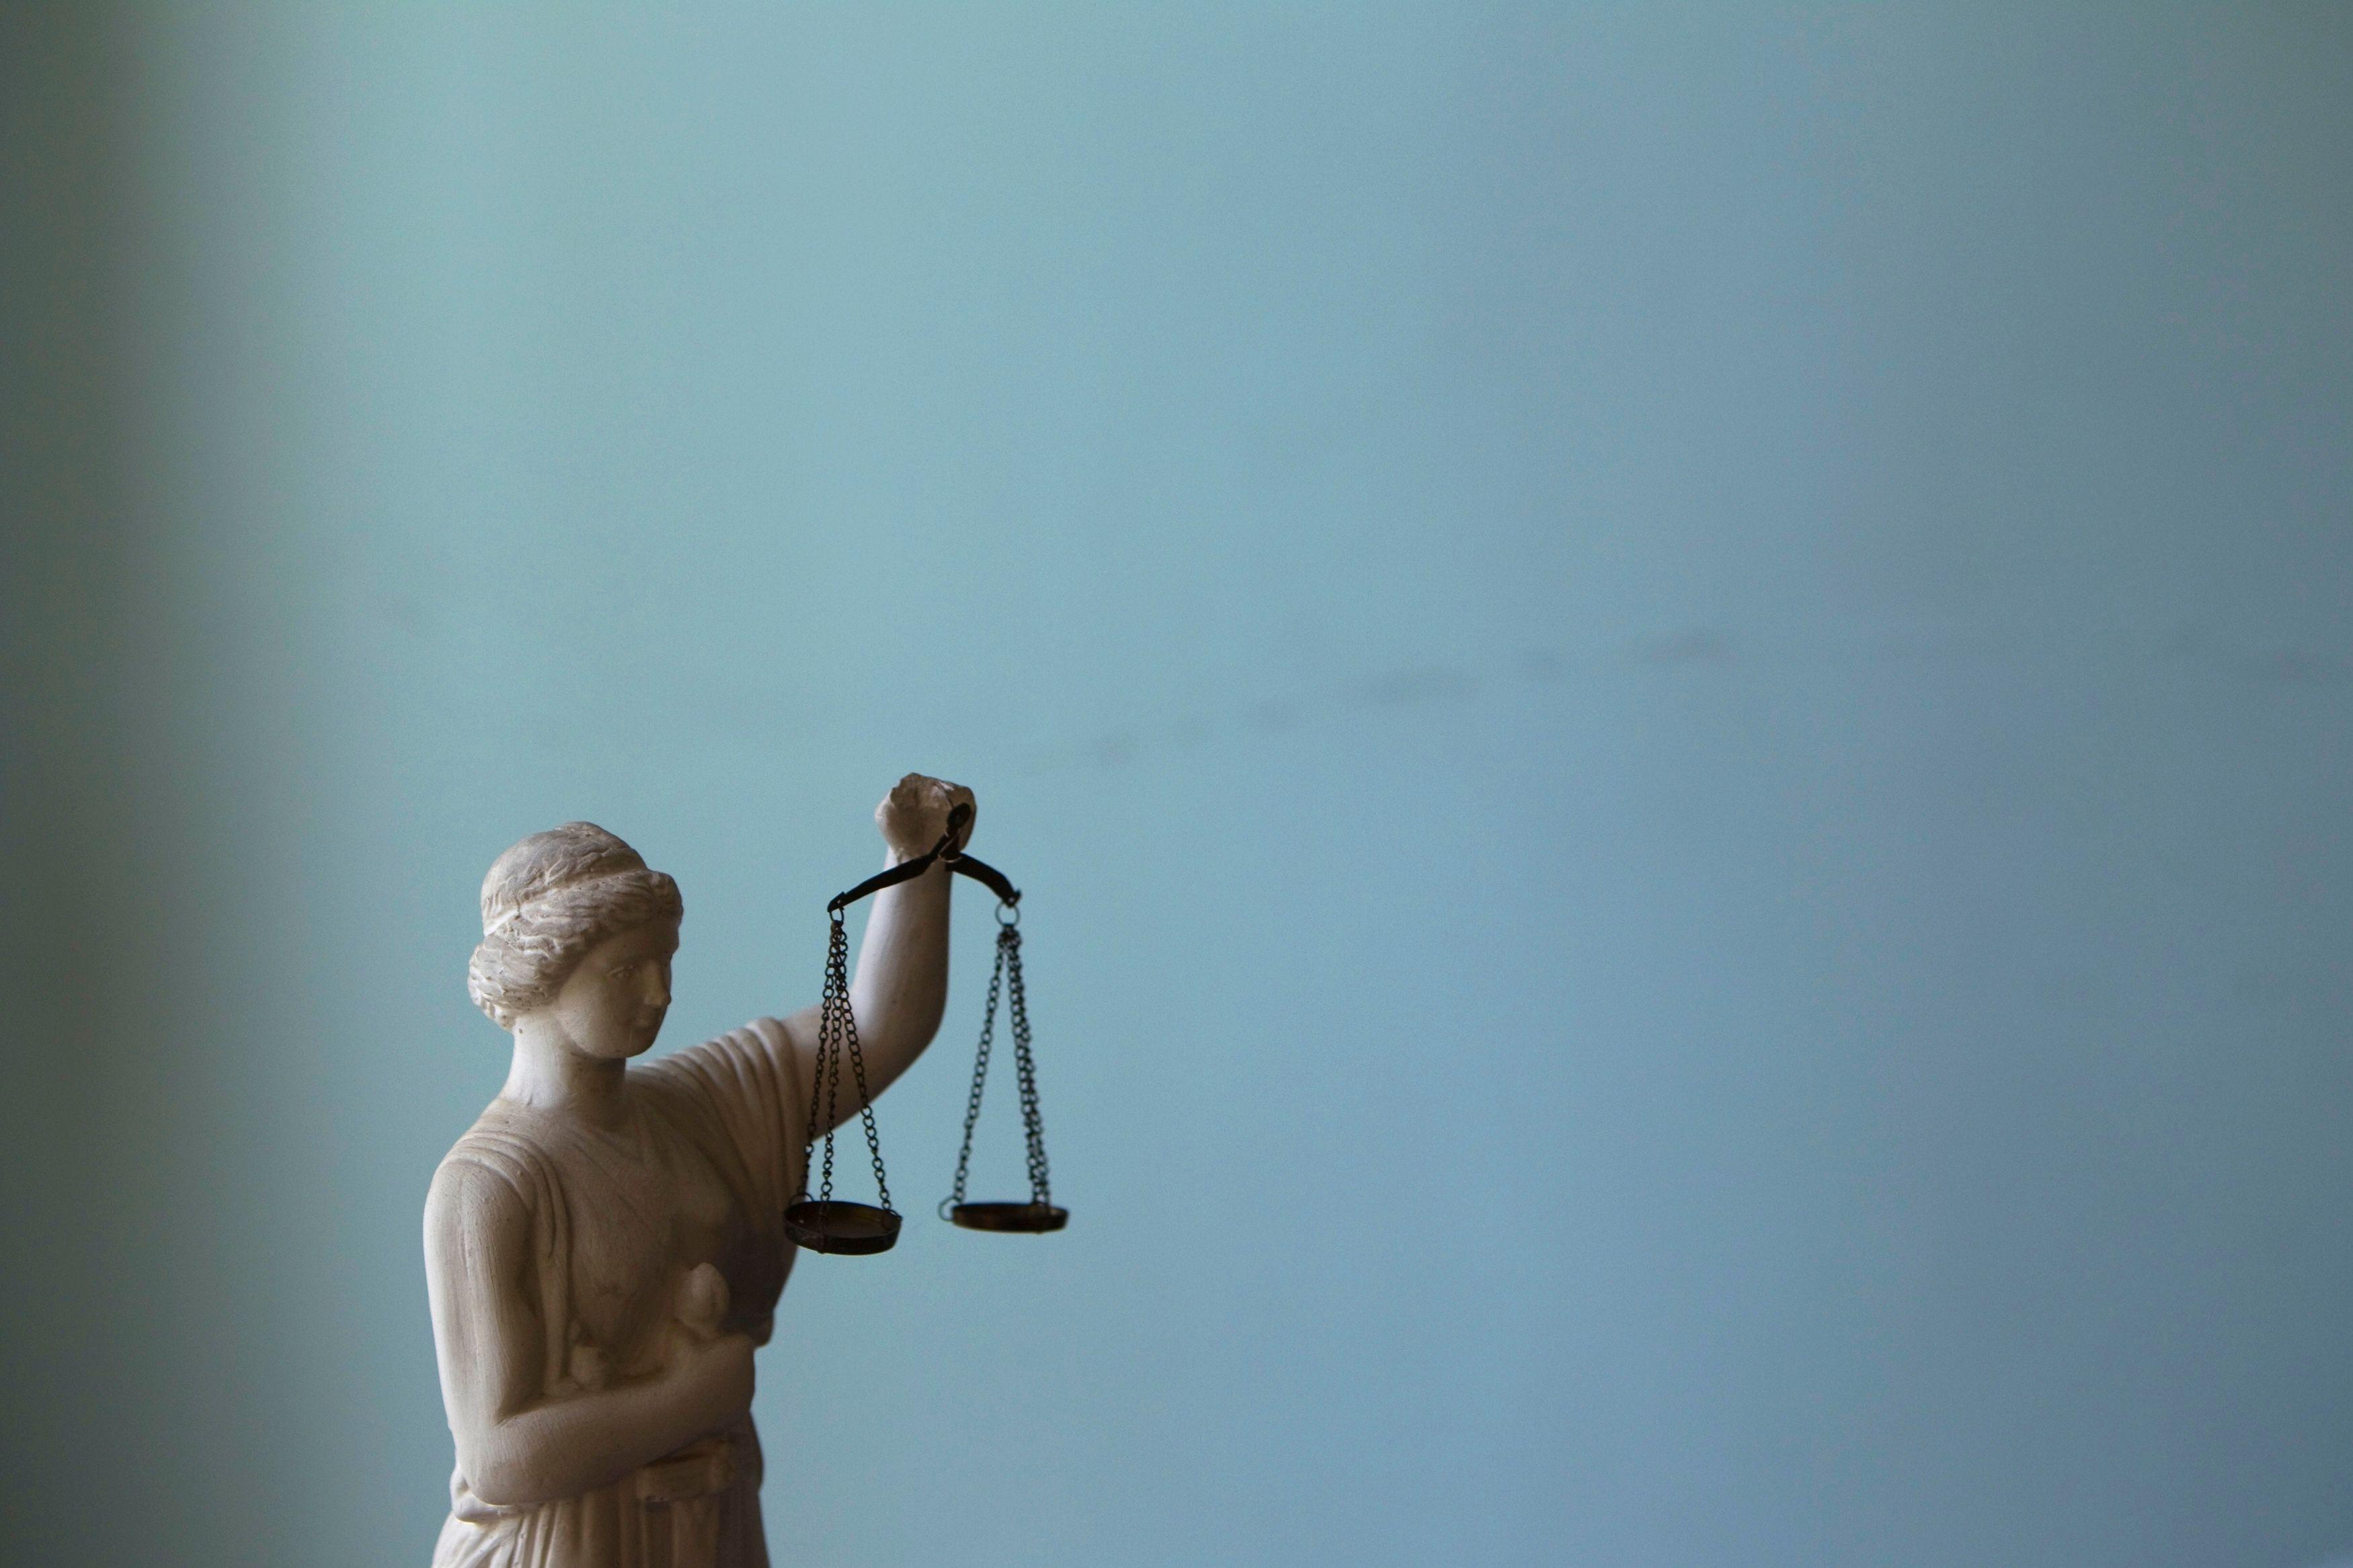 La justice française est-elle partisane ?